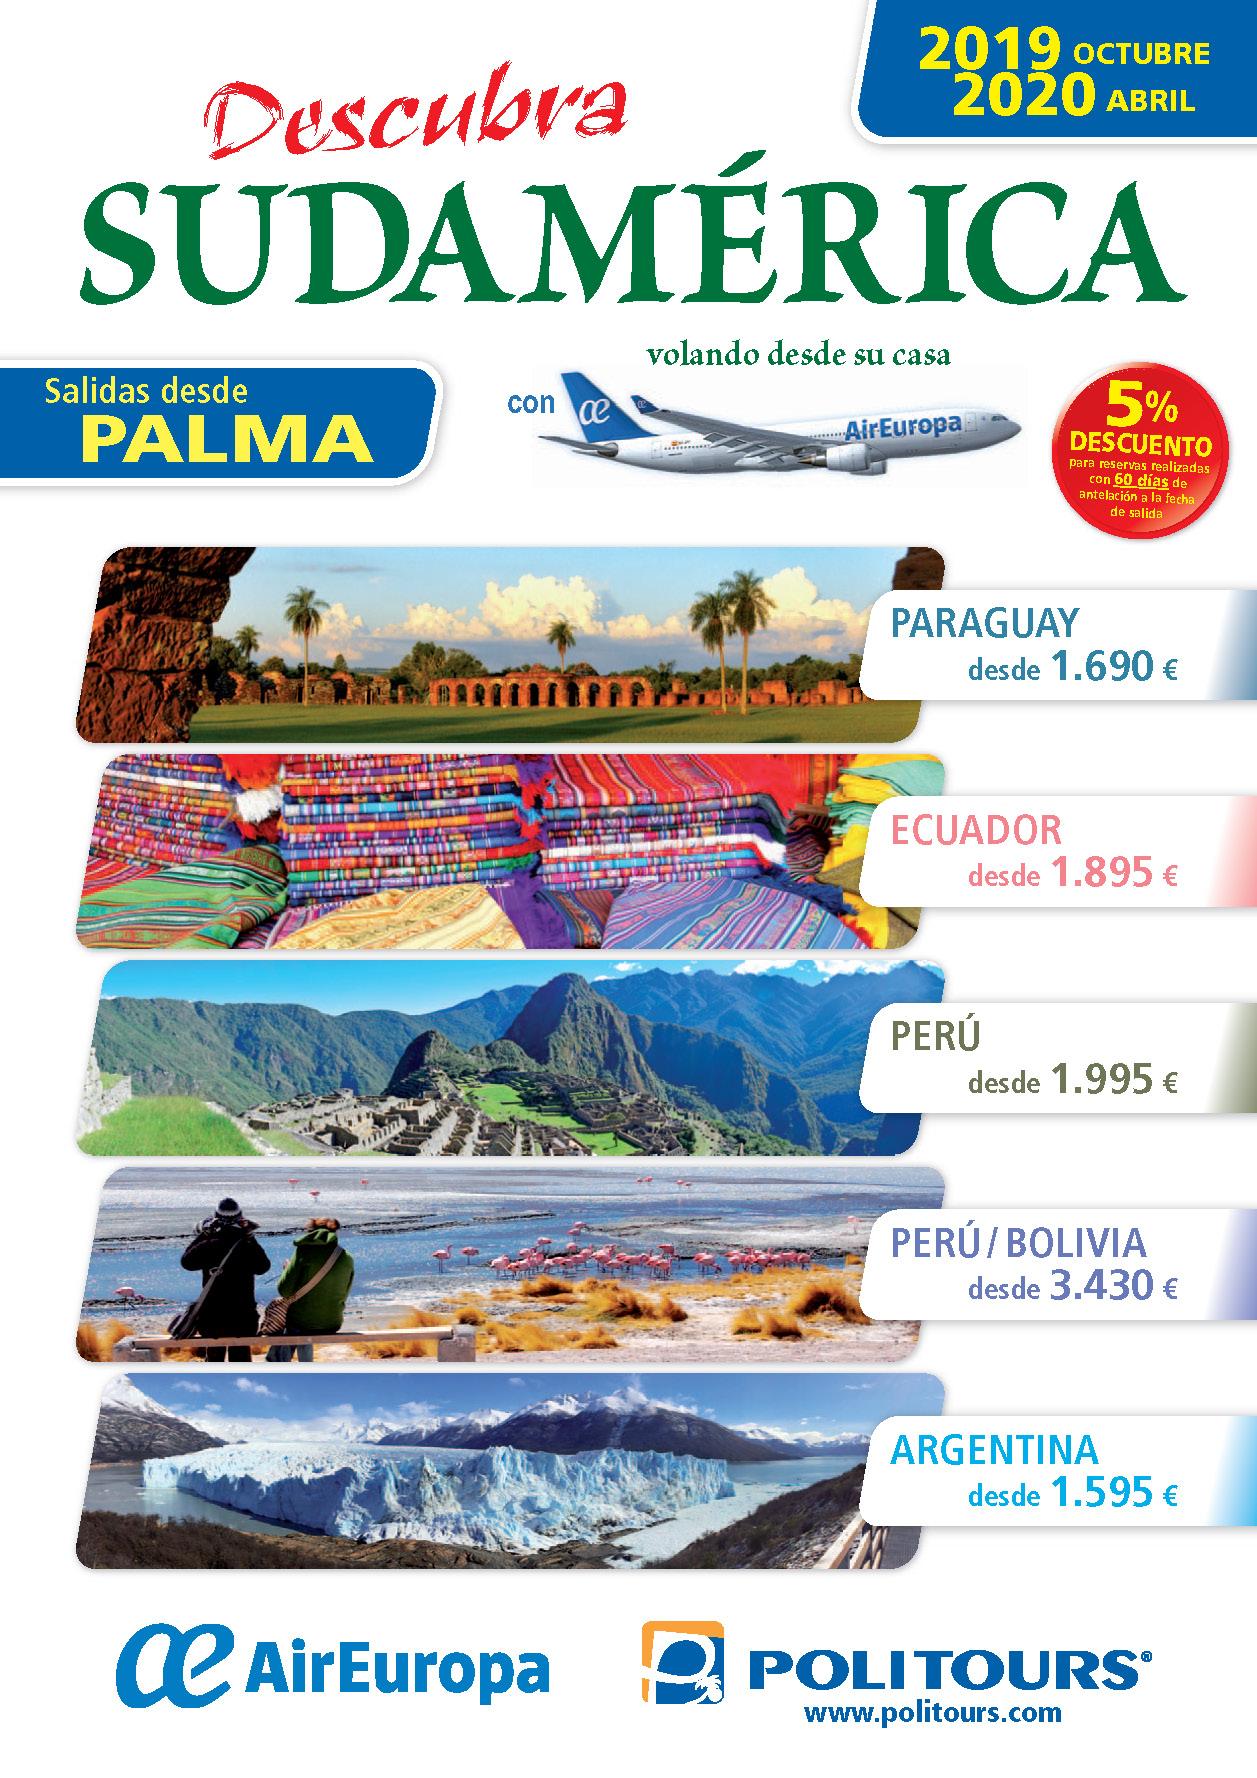 Catalogo Politours Sudamerica desde Palma 2019-2020